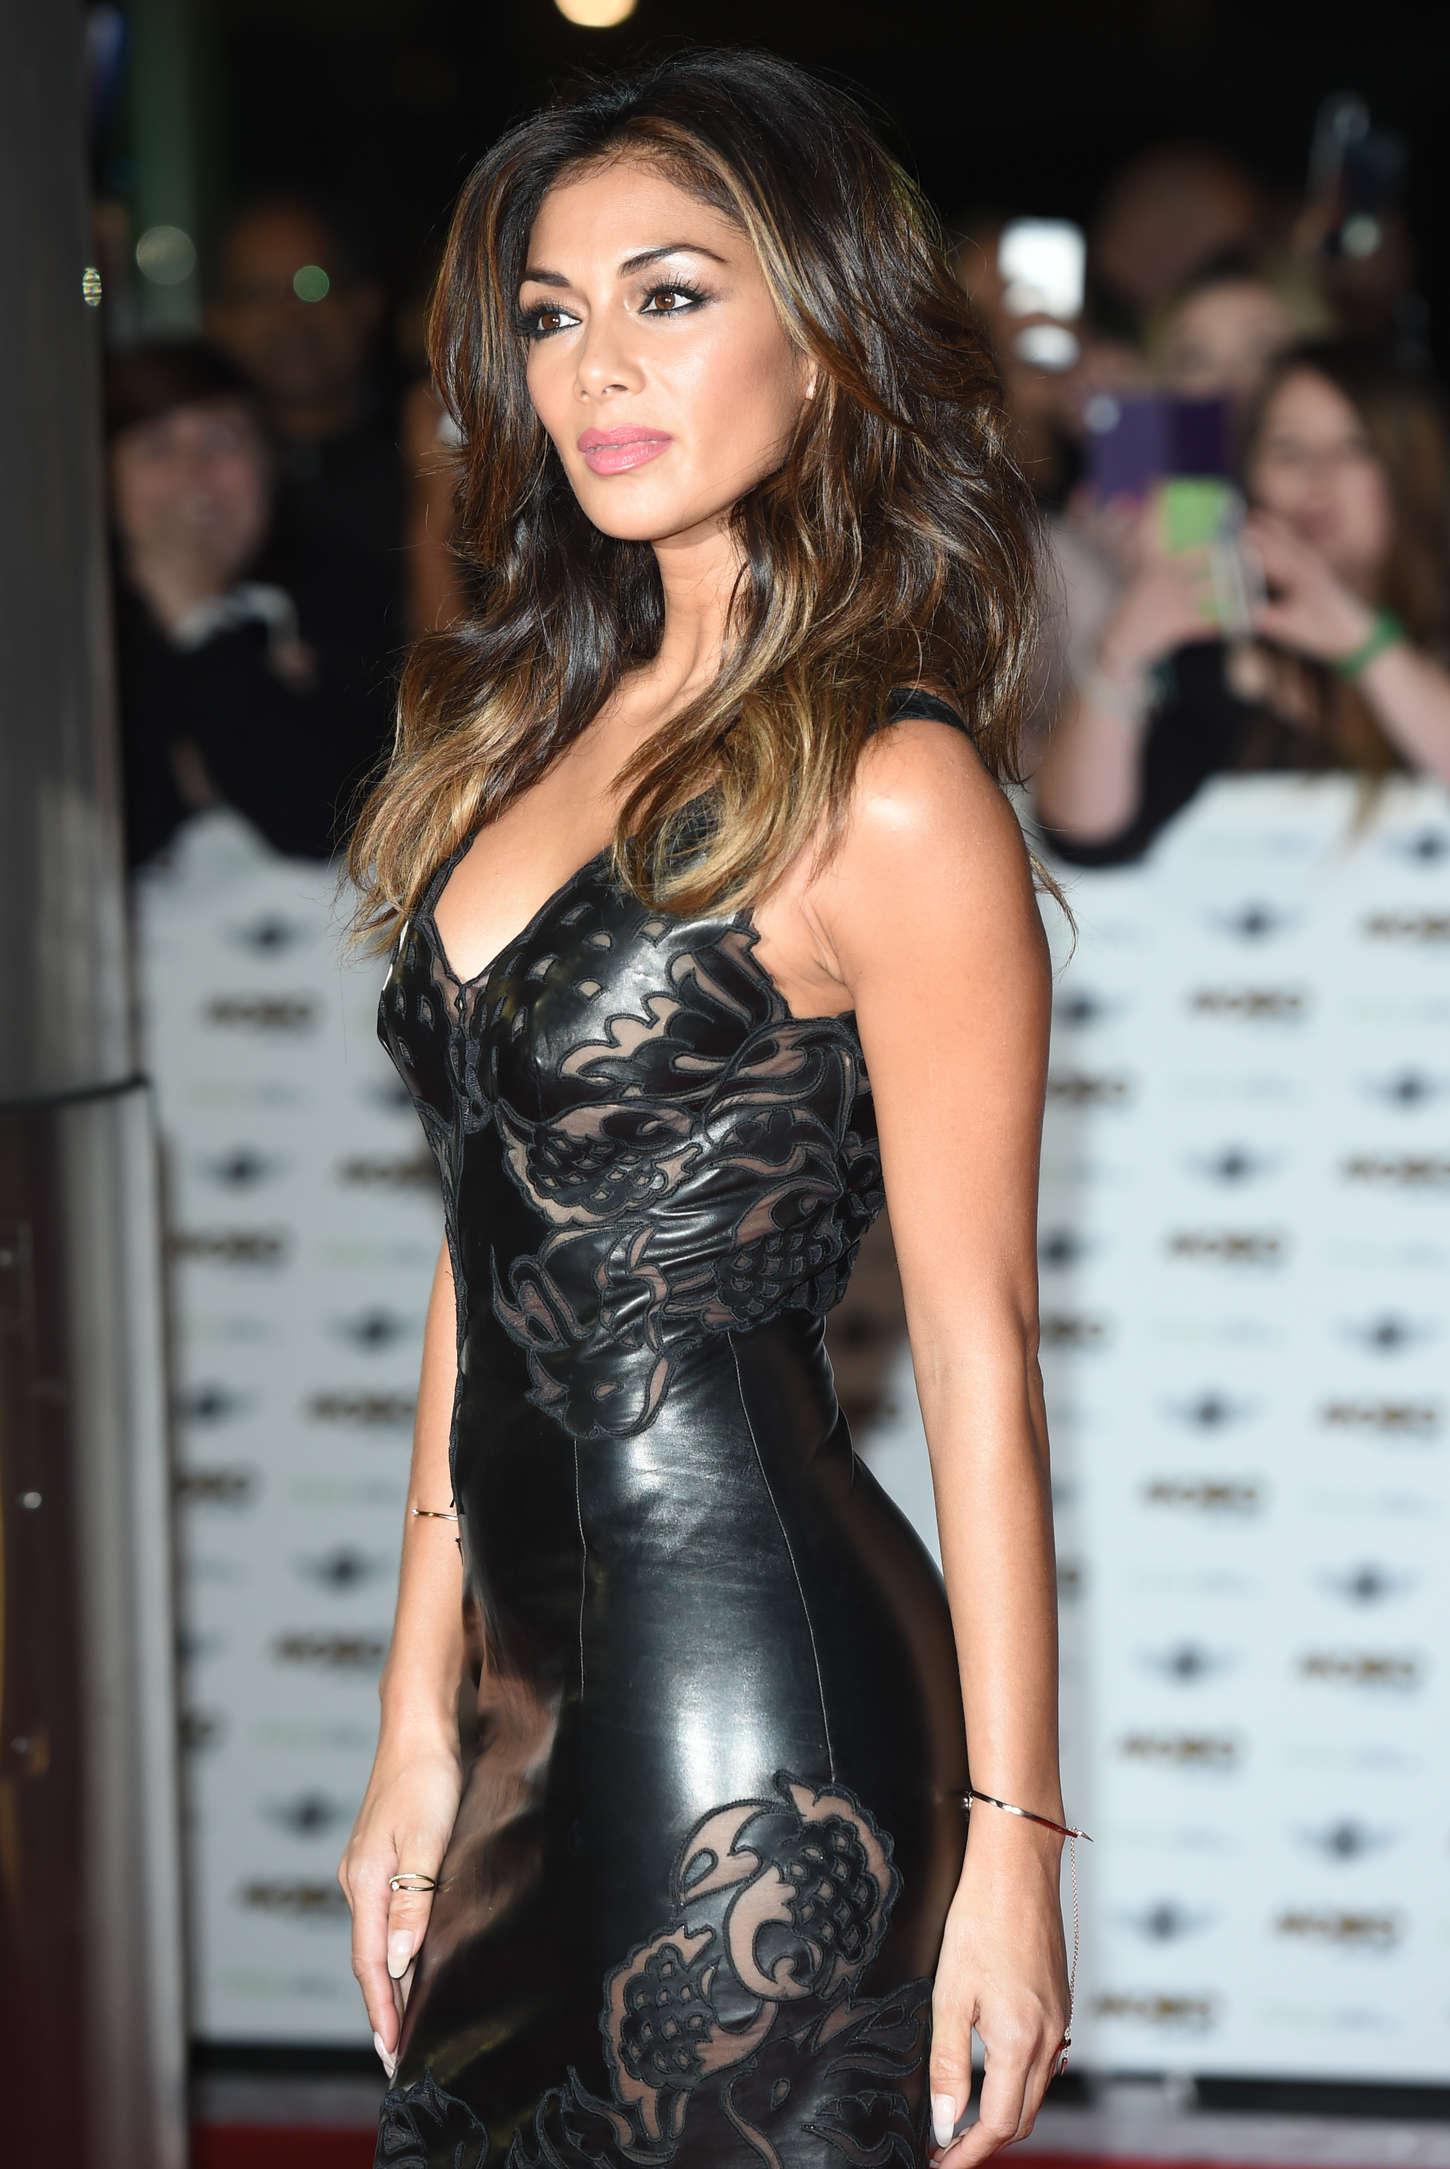 Nicole Scherzinger - 2... Nicole Scherzinger